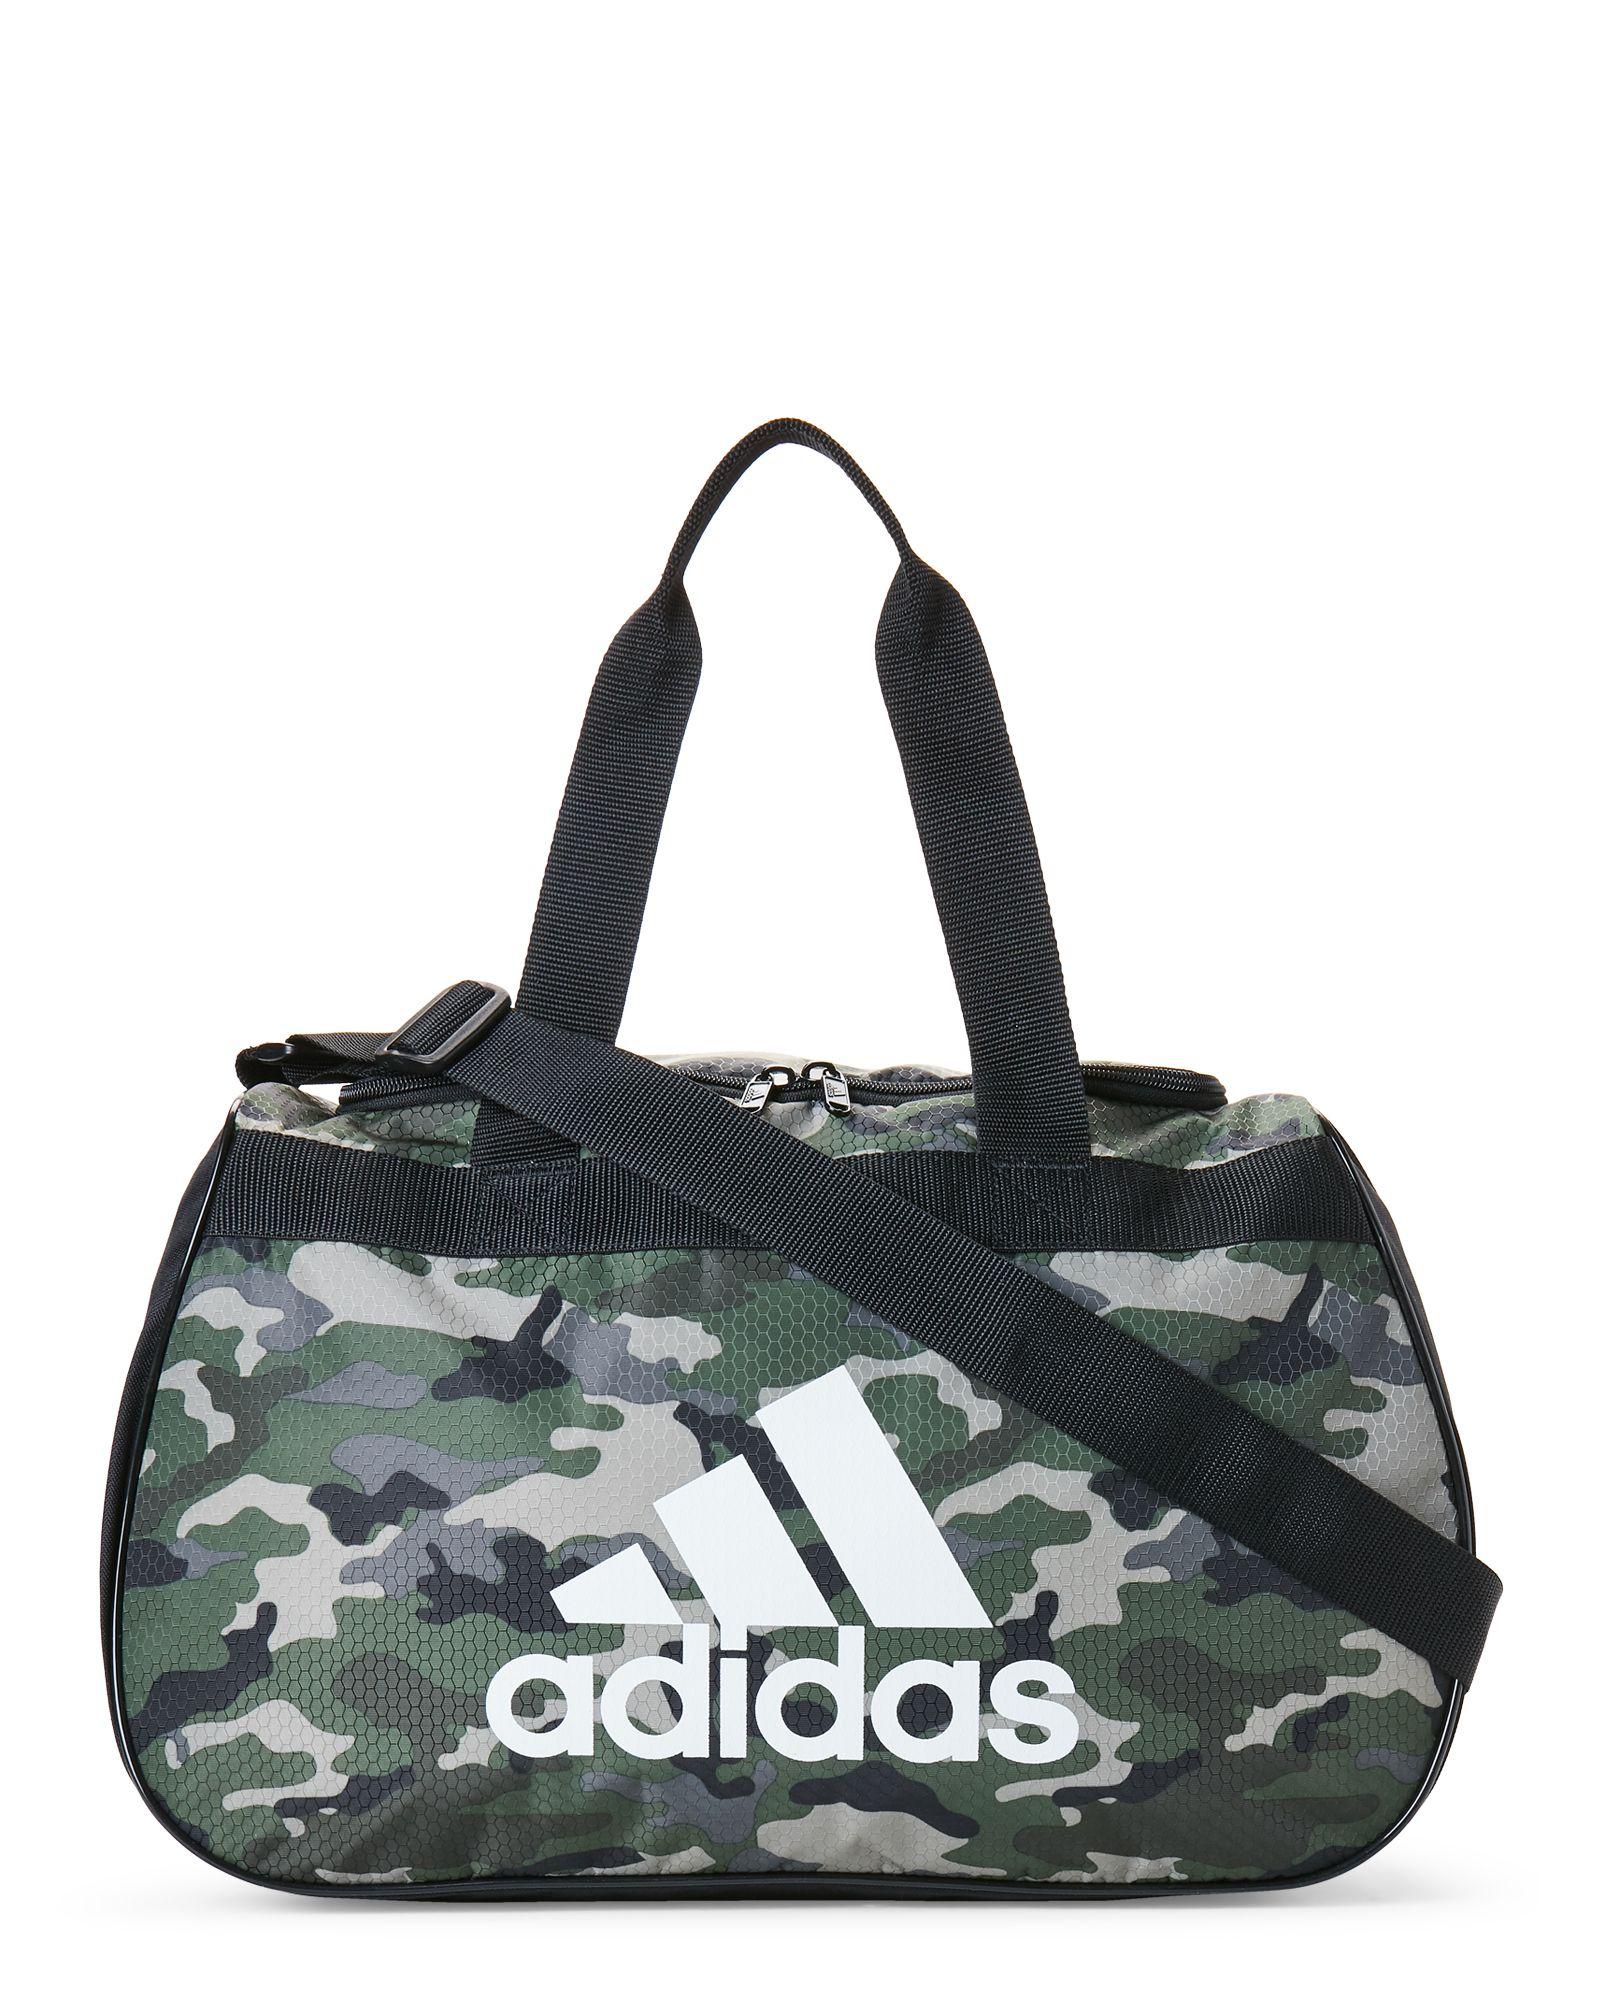 5b86d5f97 Adidas Camo Diablo Small Duffel Adidas Camo, Diablo, Luggage Bags, Gym Bag,